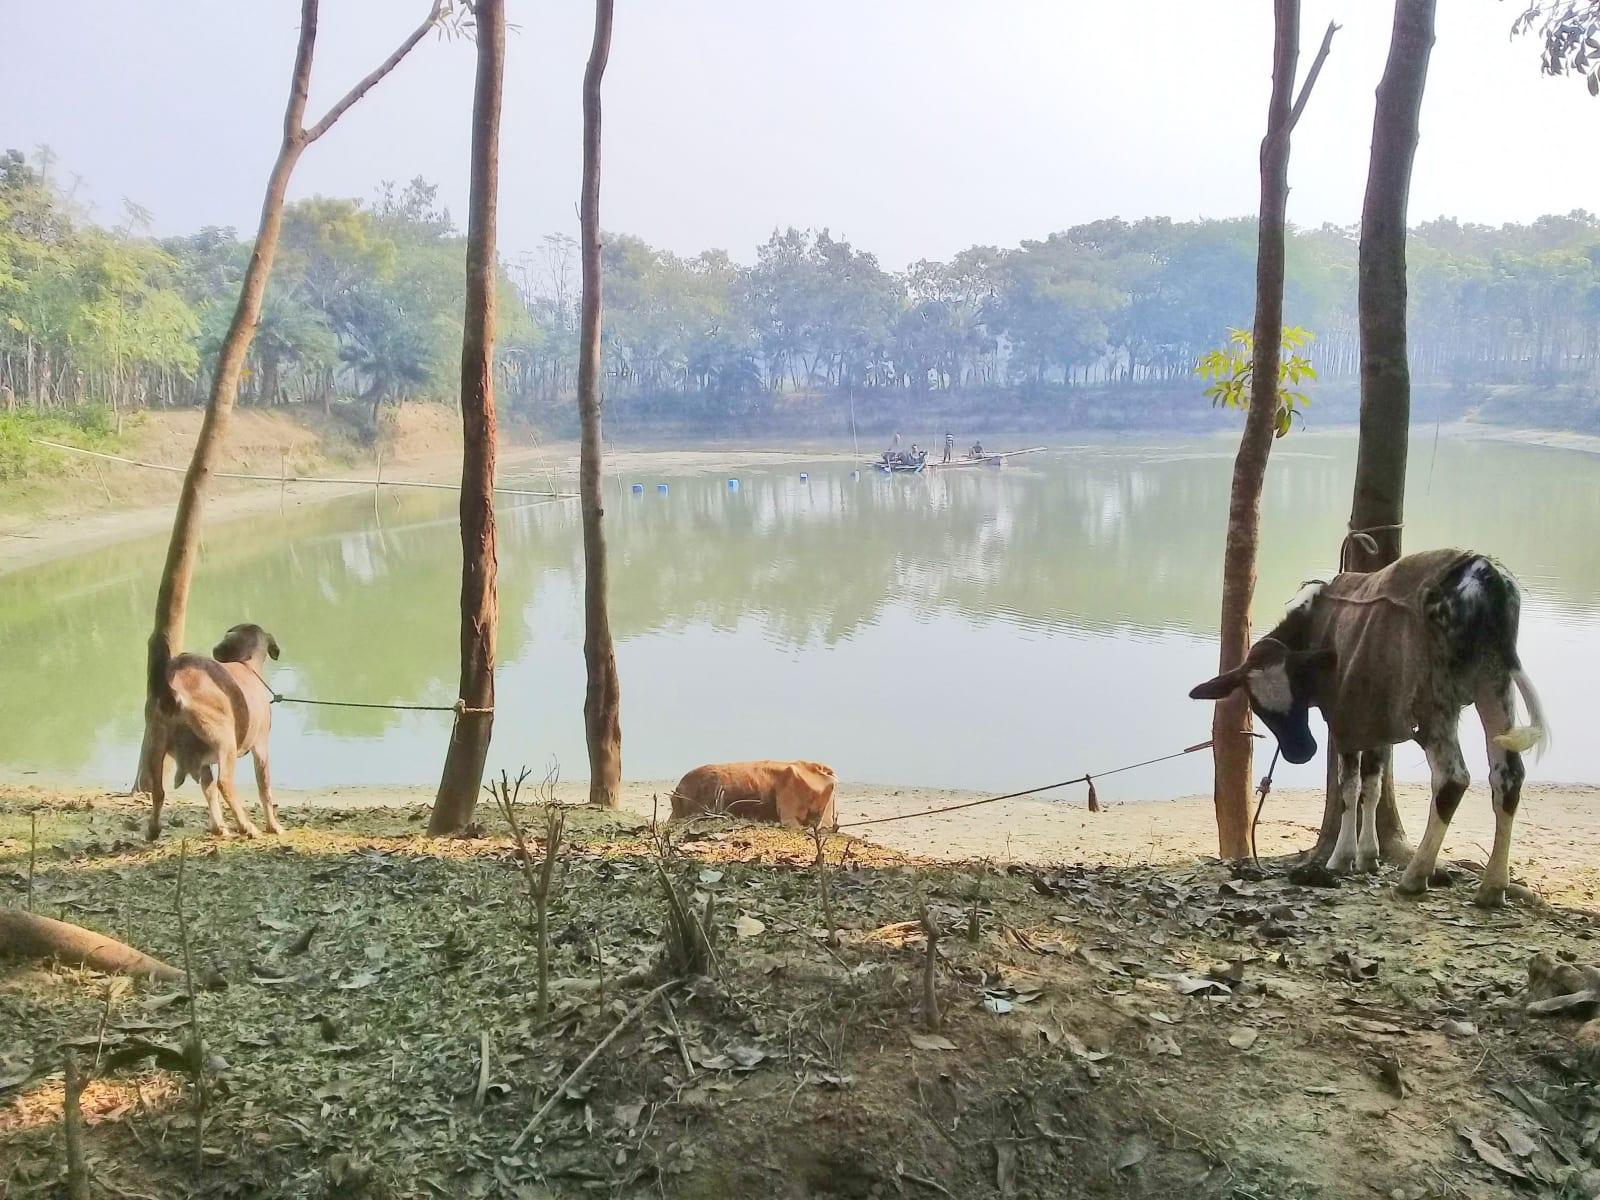 Vesničané občas chrání dobytek před ranním a večerním chladem, Bangladéš